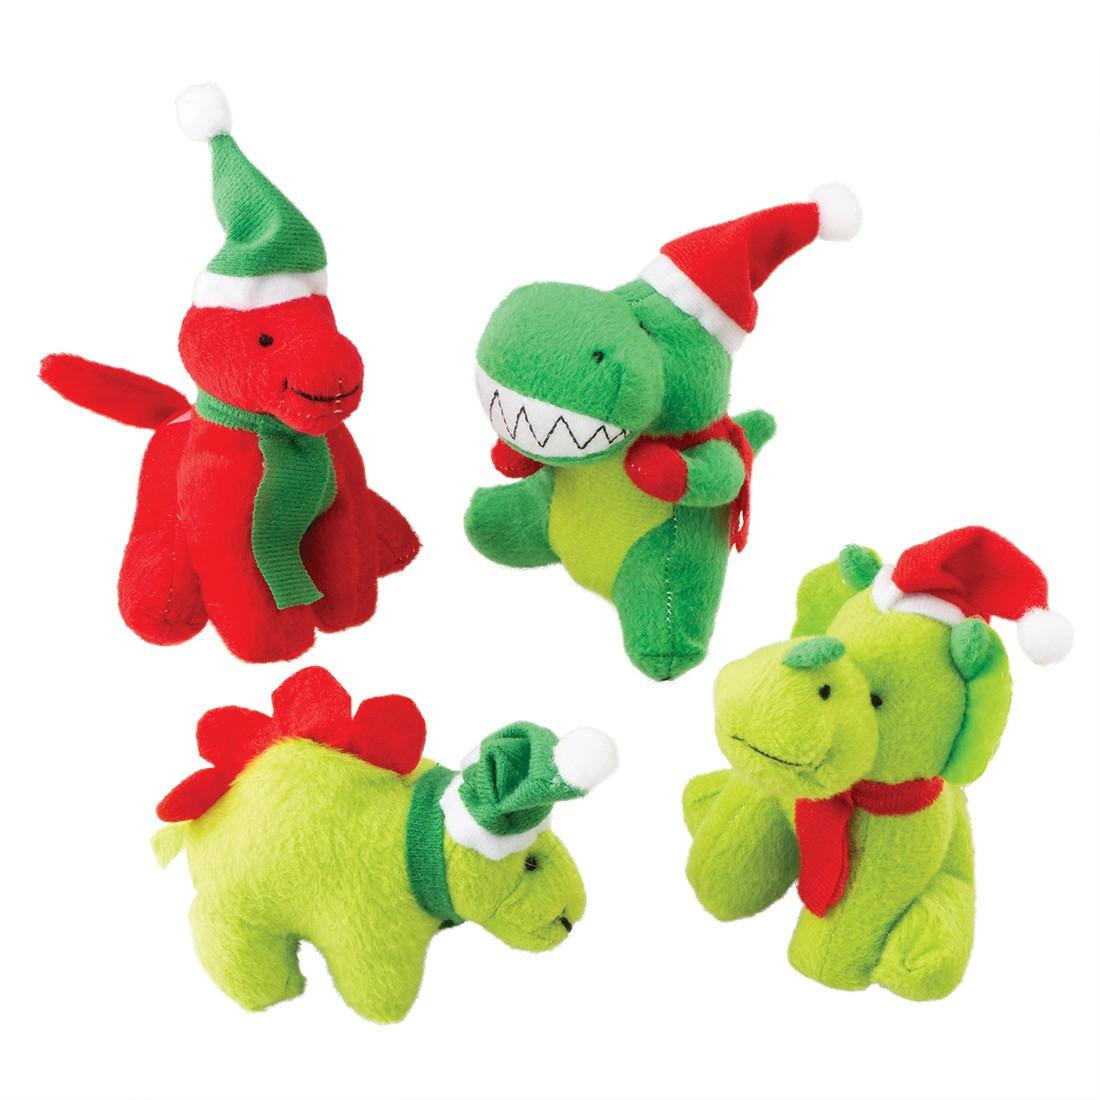 Plush Christmas Dinosaurs  [image]